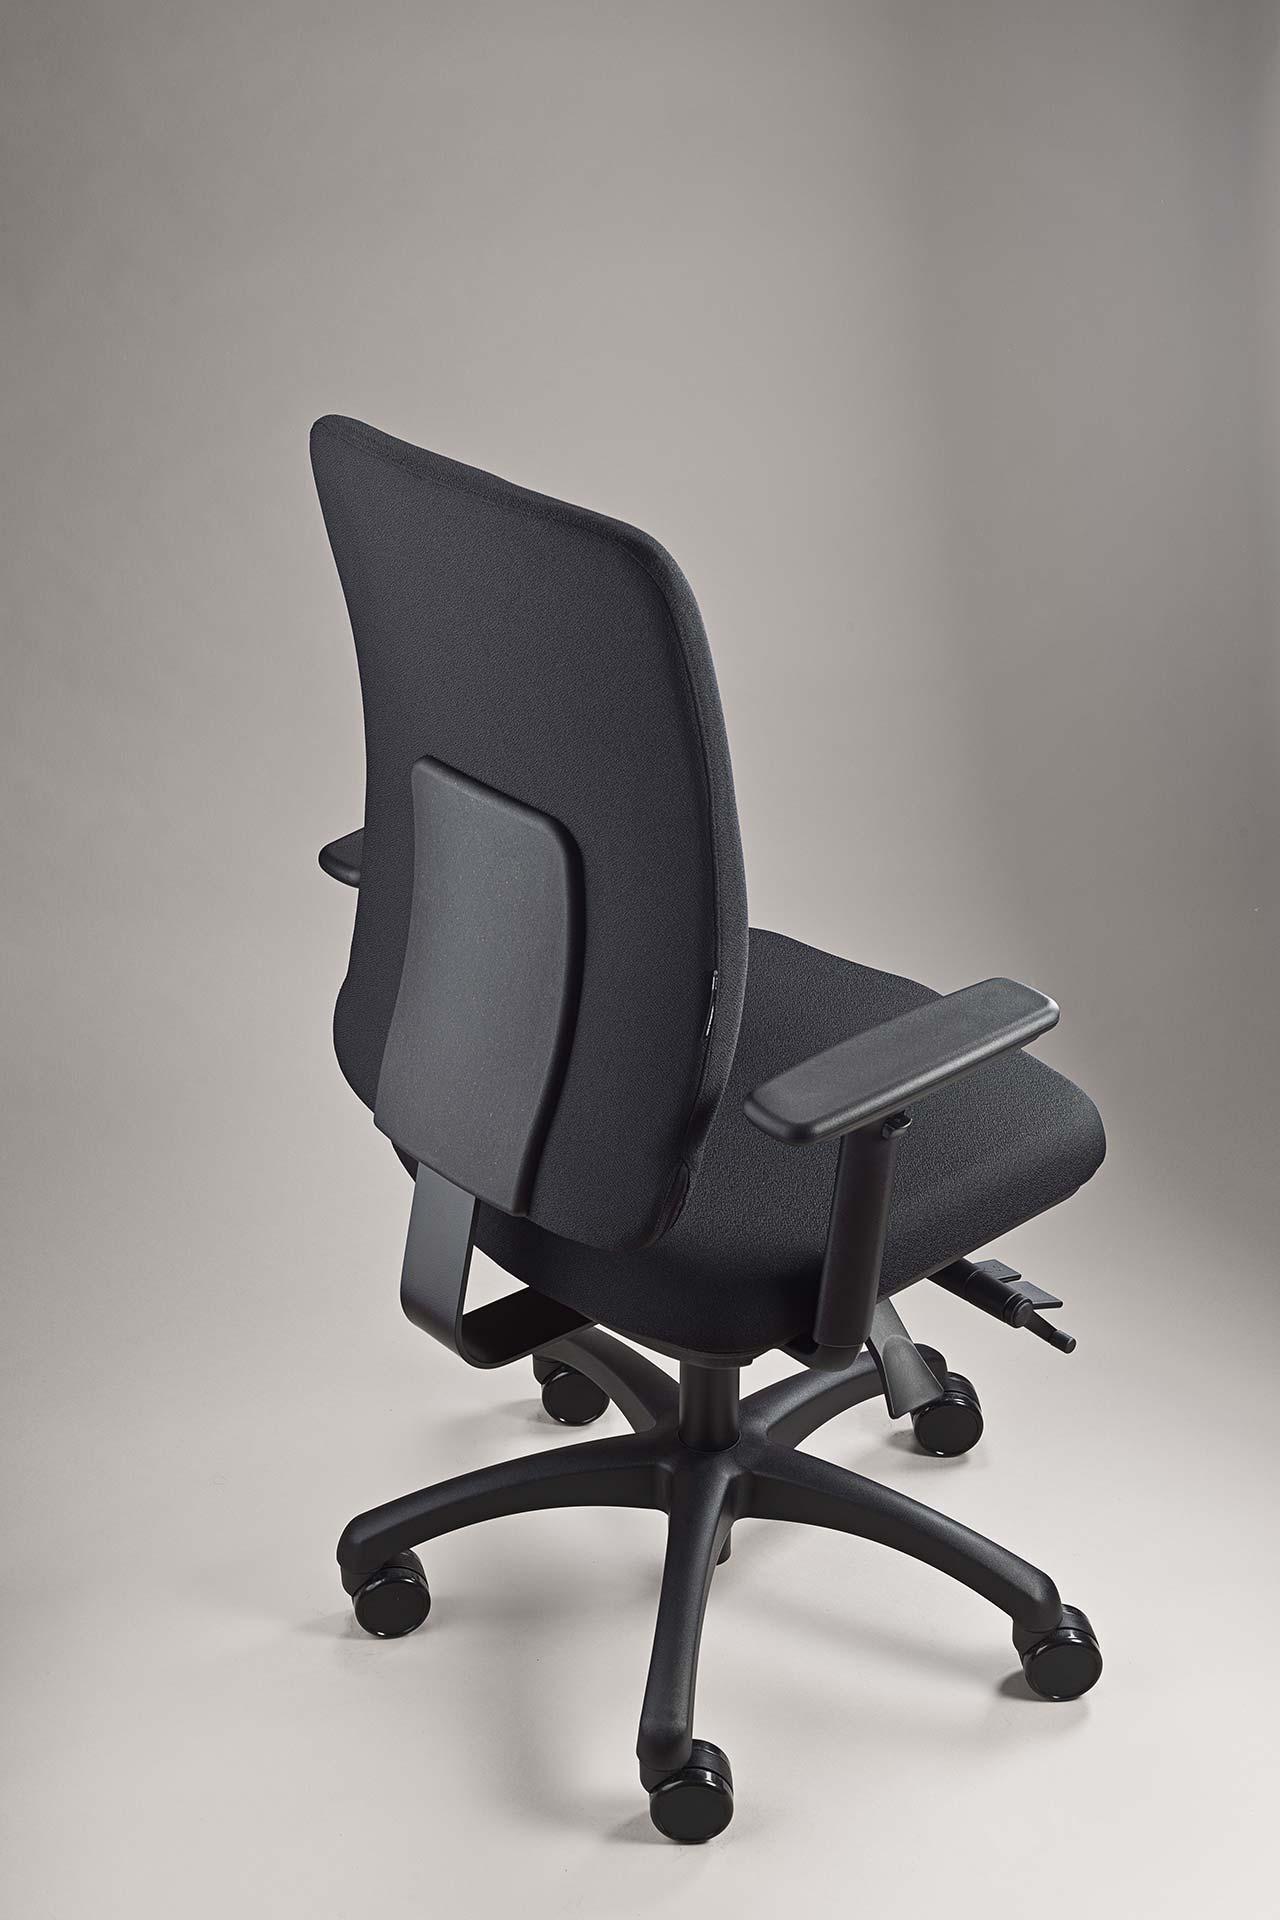 gesund arbeiten gmbh - Bürodrehstuhl motion.plus mit Stoff Xtreme und schwarzer Abdeckung Rückenlehne